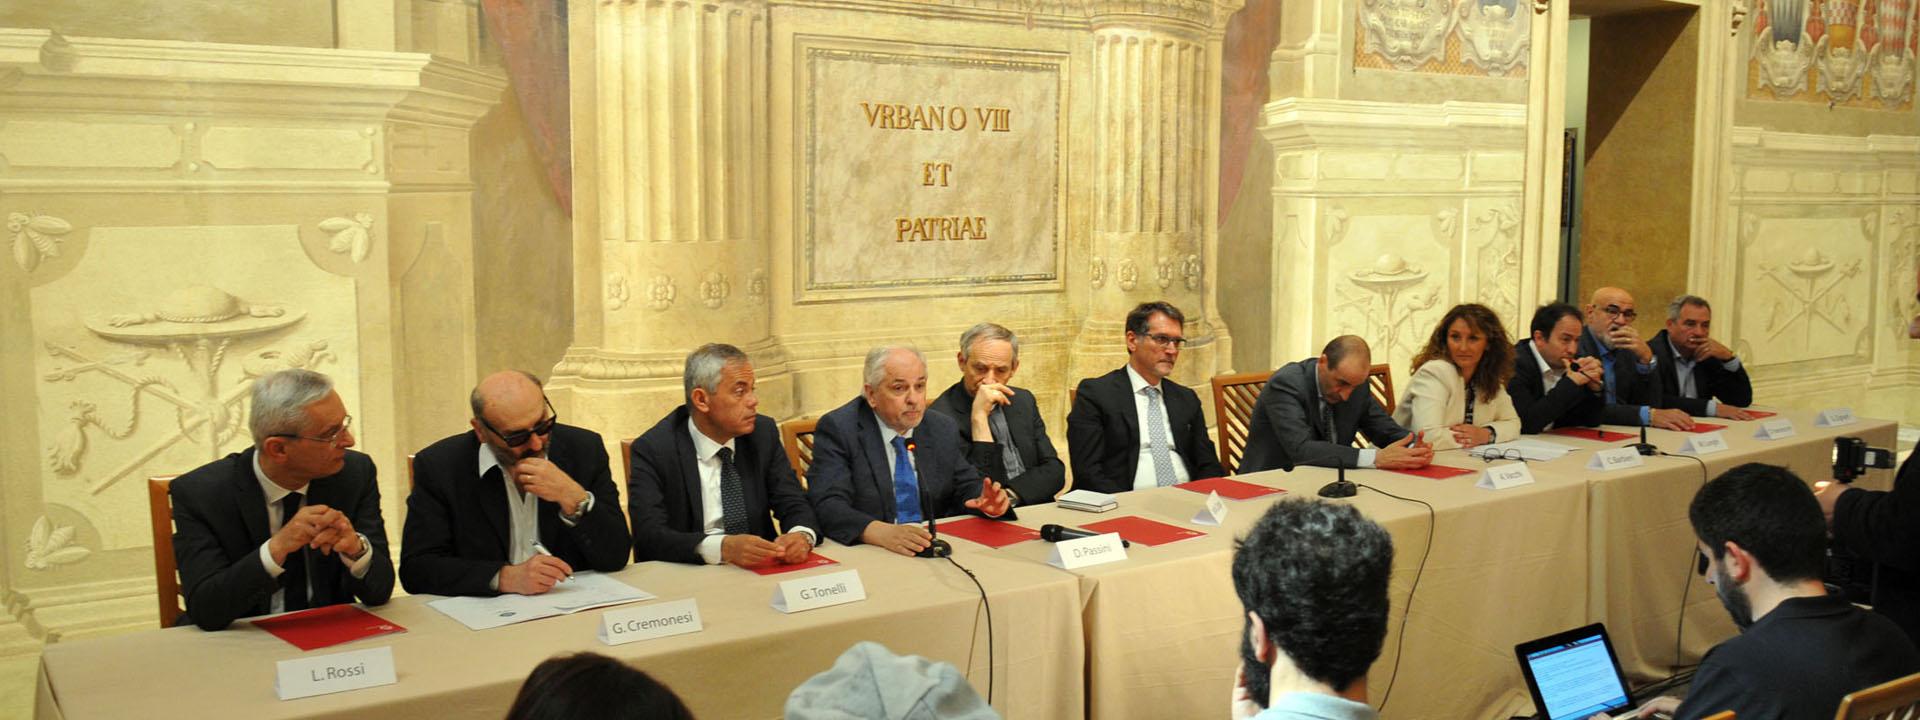 """La presentazione del piano """"Insieme per il lavoro"""" a palazzo D'Accursio. Archivio Città metropolitana di Bologna"""